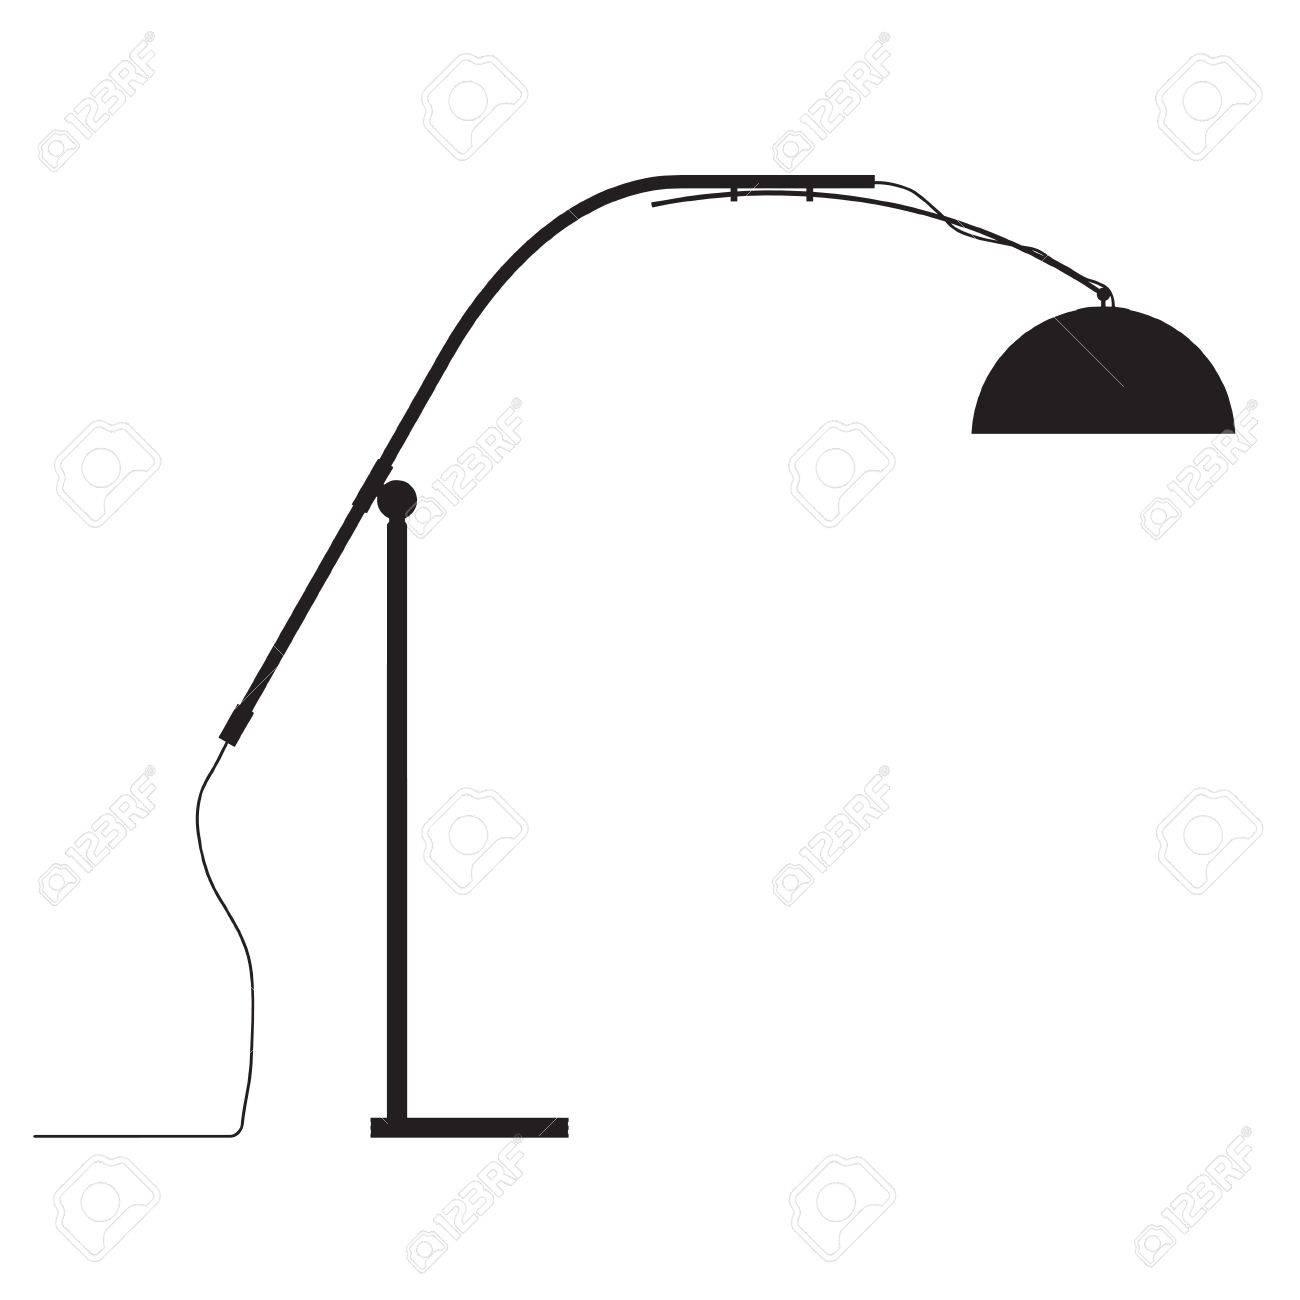 modern lamp vector outline silhouette Stock Vector - 12381194